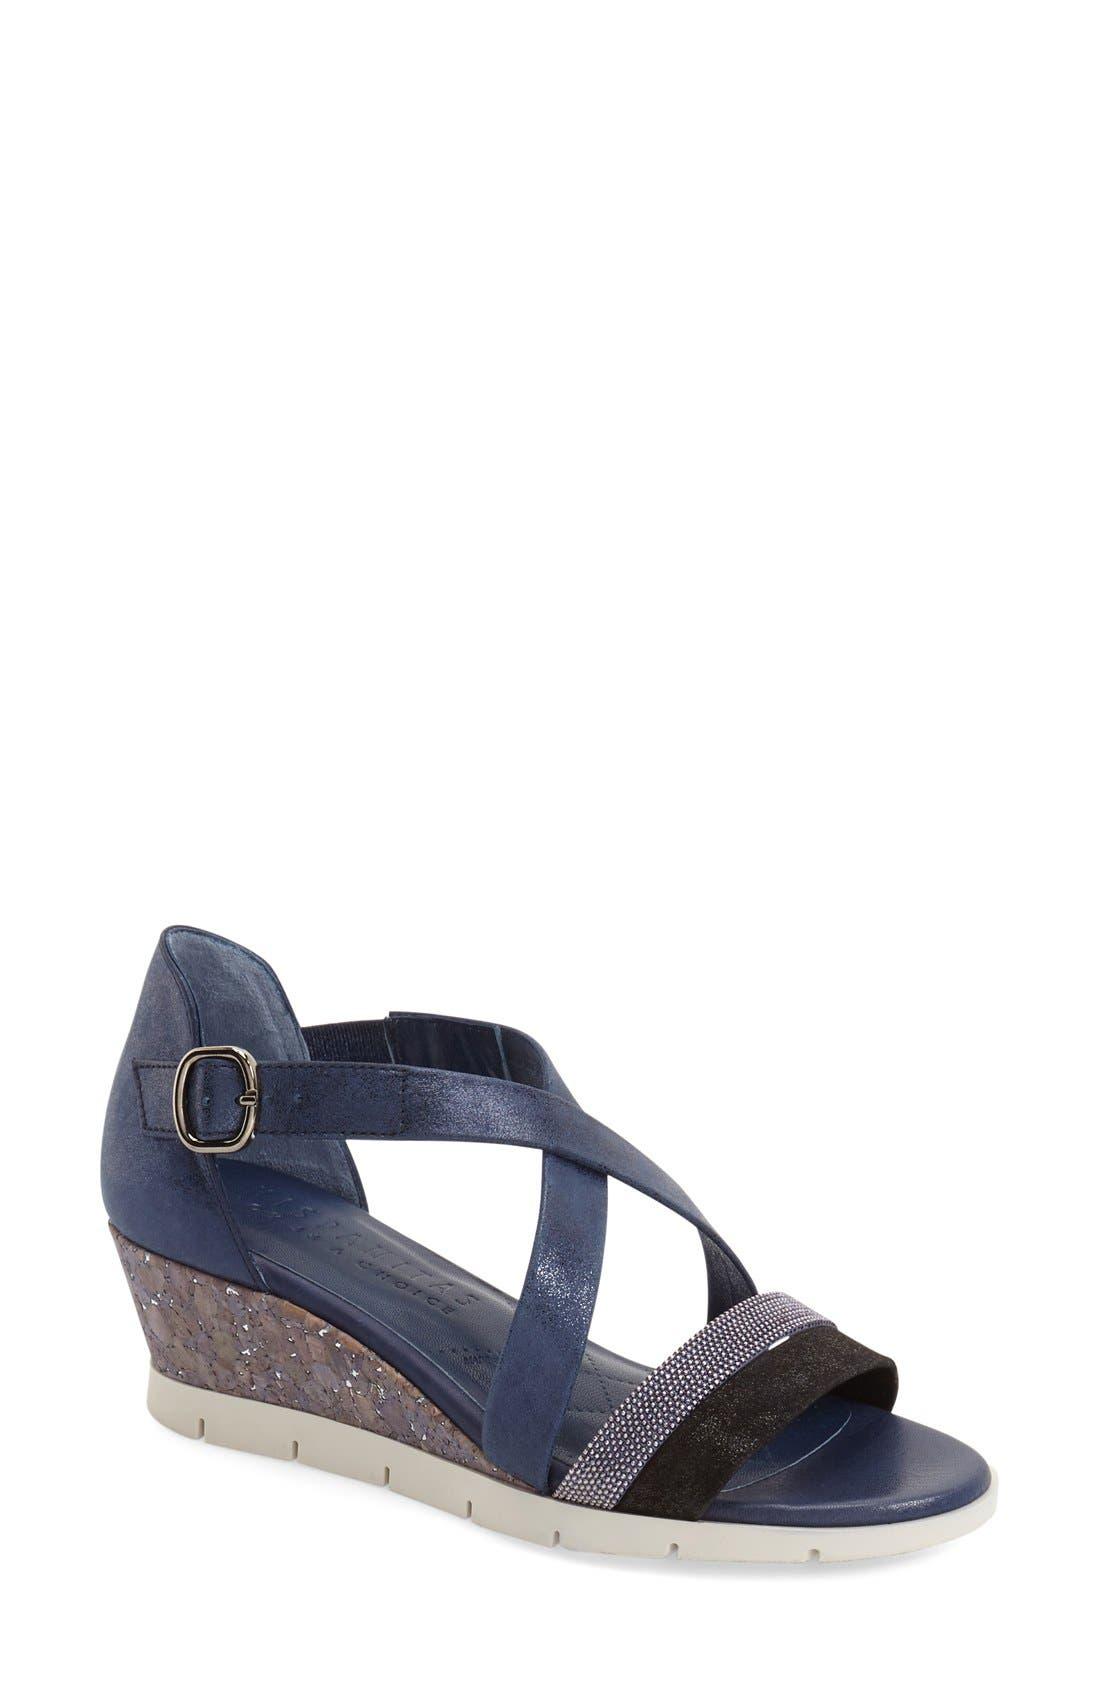 Hispanitas 'Kennedi' Wedge Sandal (Women)